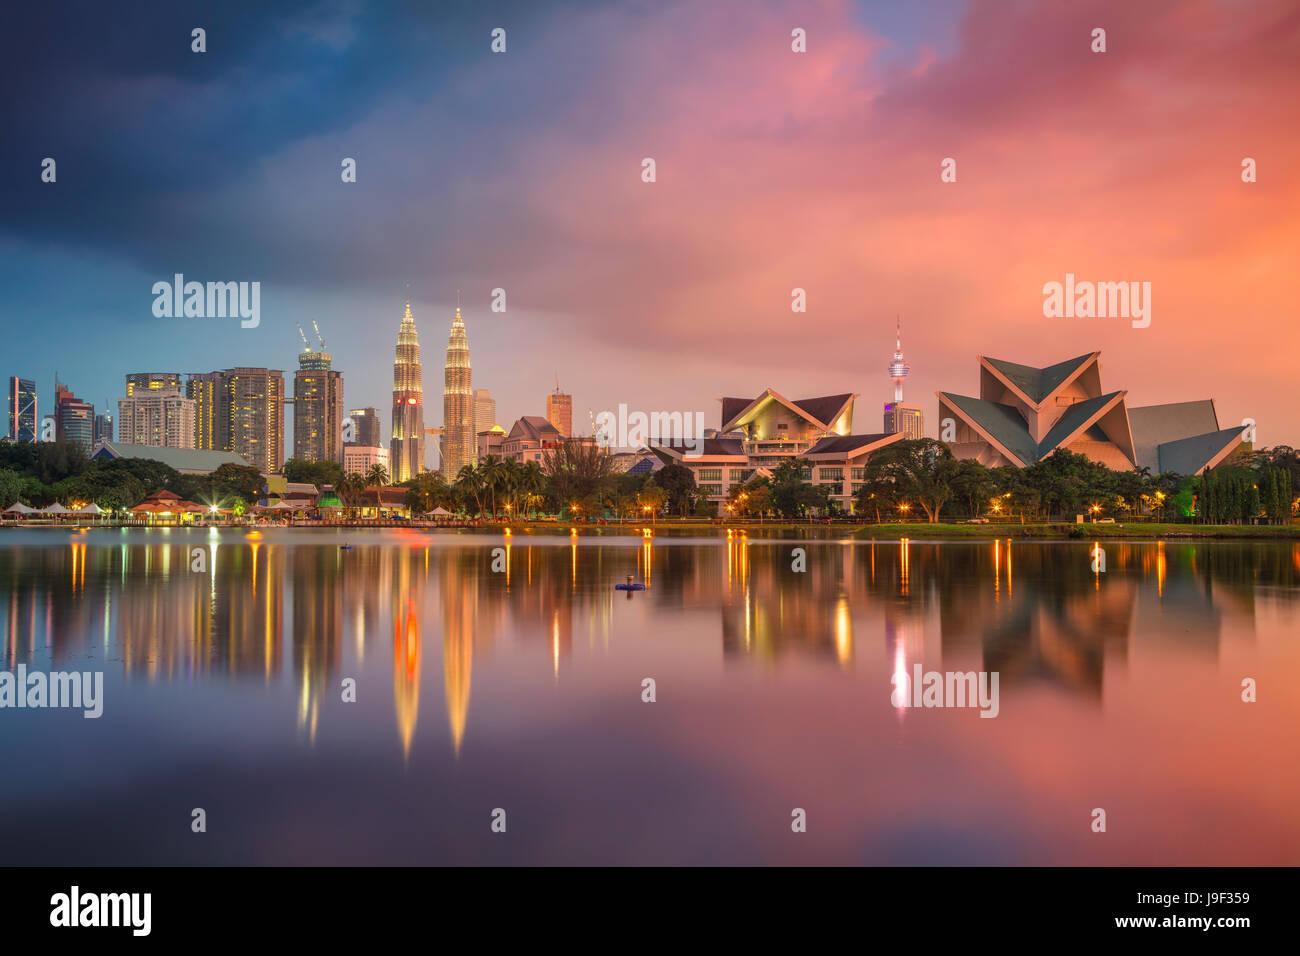 Kuala Lumpur. Cityscape image of Kuala Lumpur, Malaysia during sunset. - Stock Image